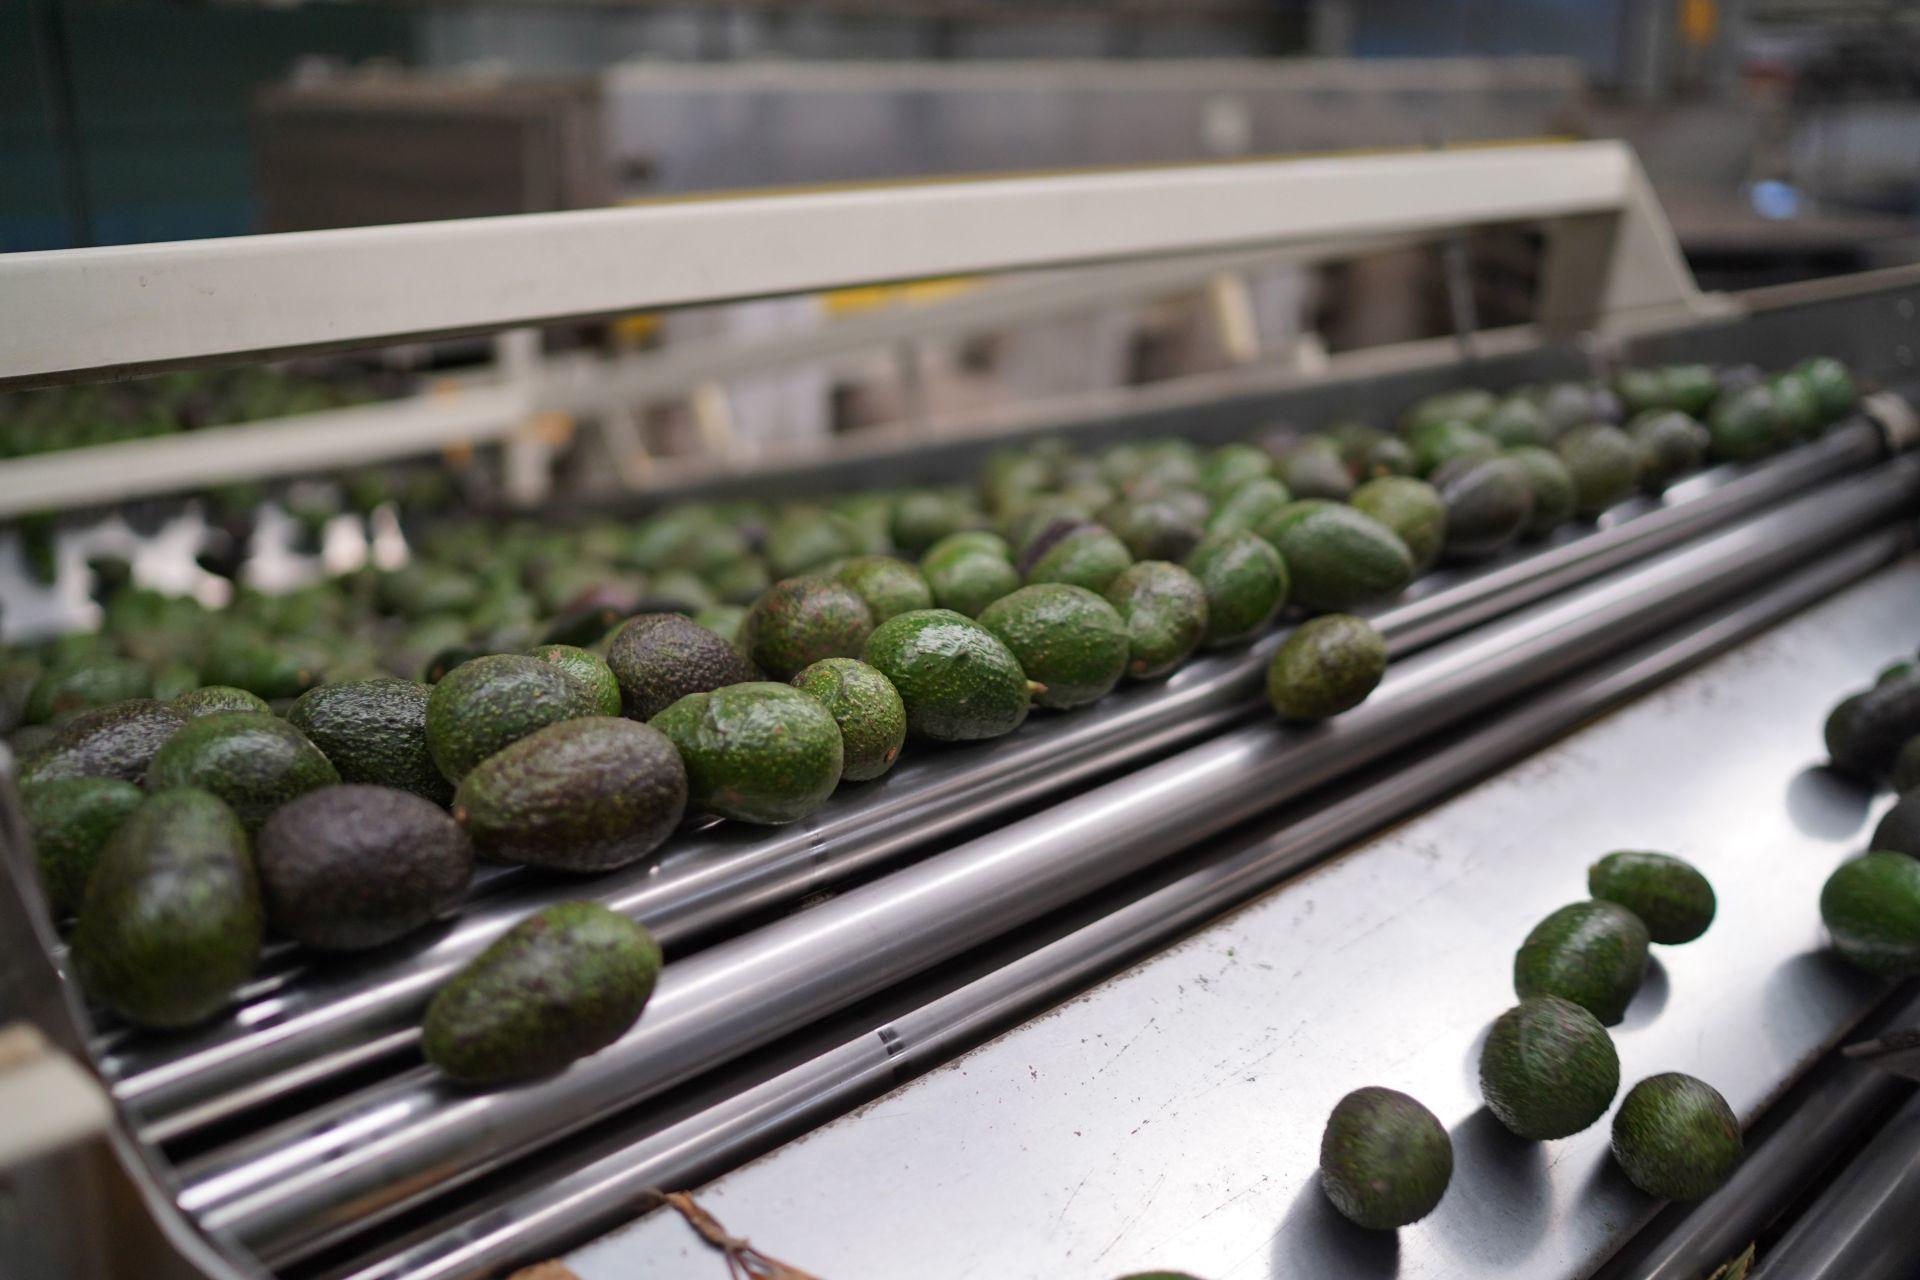 Inflación acumula 6 meses por encima del rango del Banco de México. Entramos al mes patrio con tacos y salsas al alza